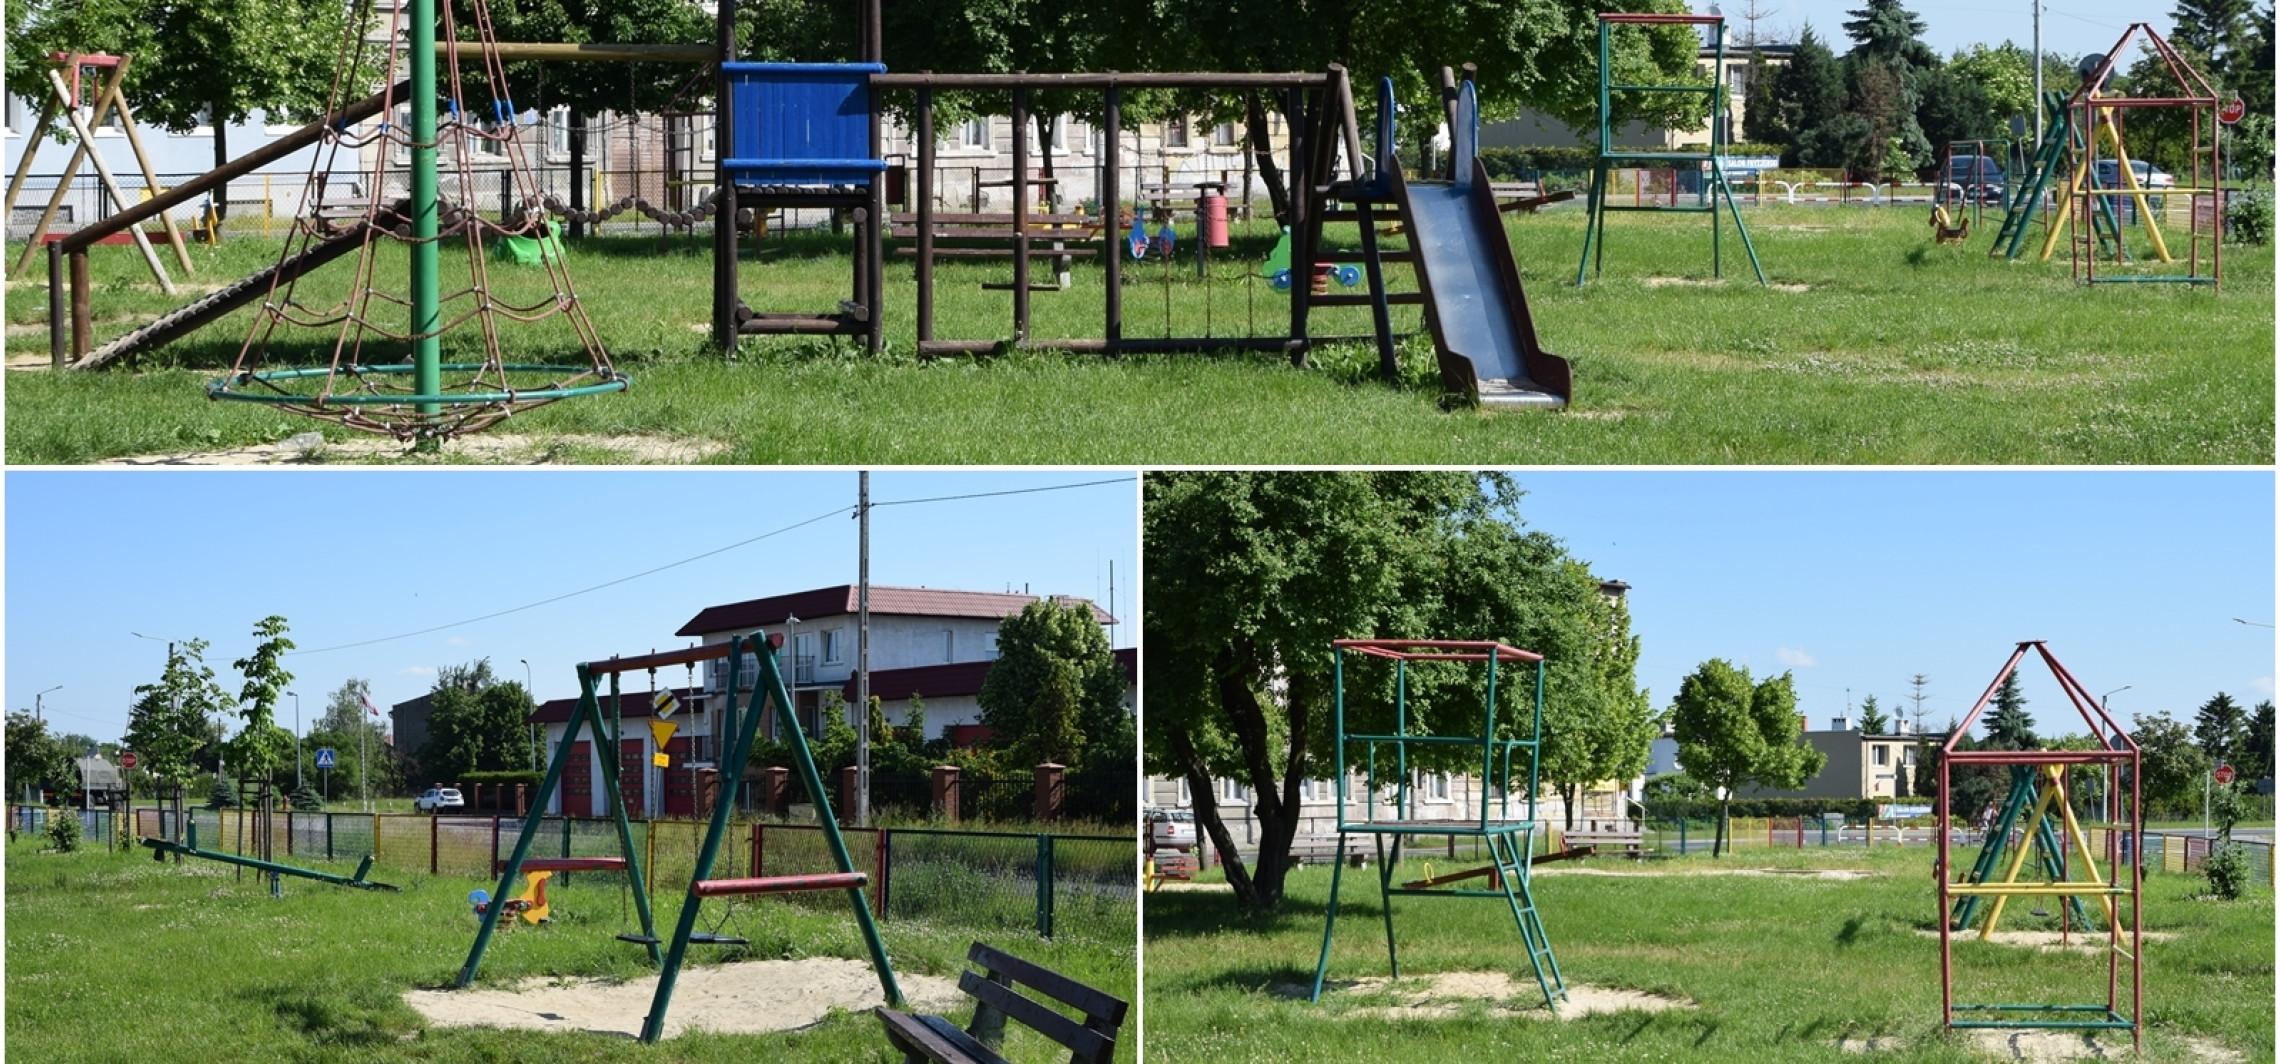 Inowrocław - Ten plac zabaw zyska nowe urządzenia